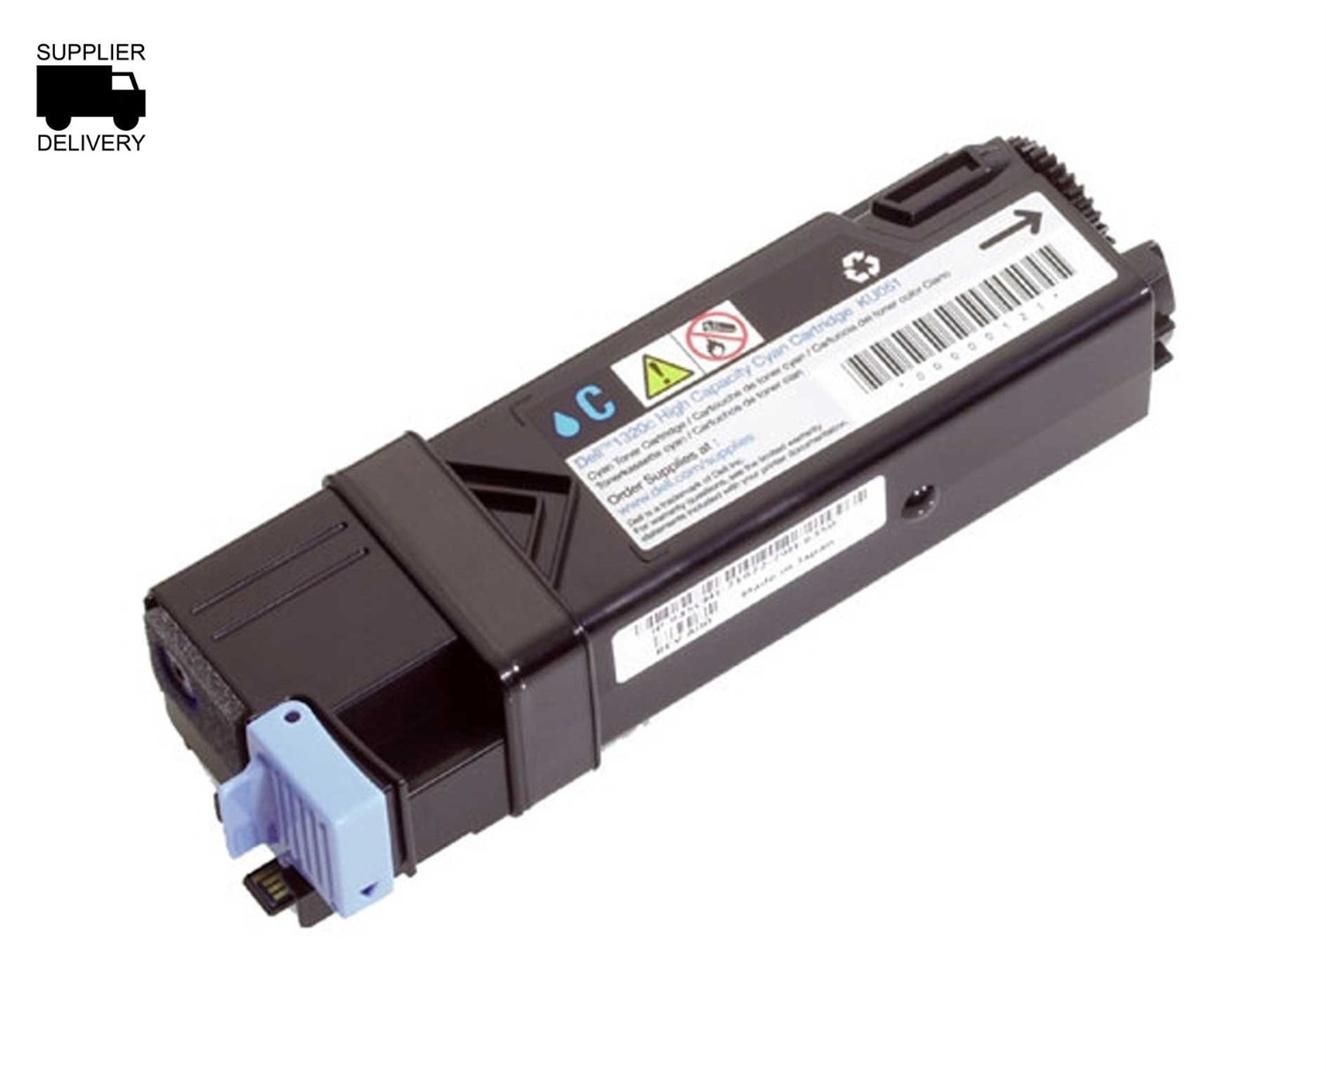 Dell Toner HC cyan - KU051 / 593-10259